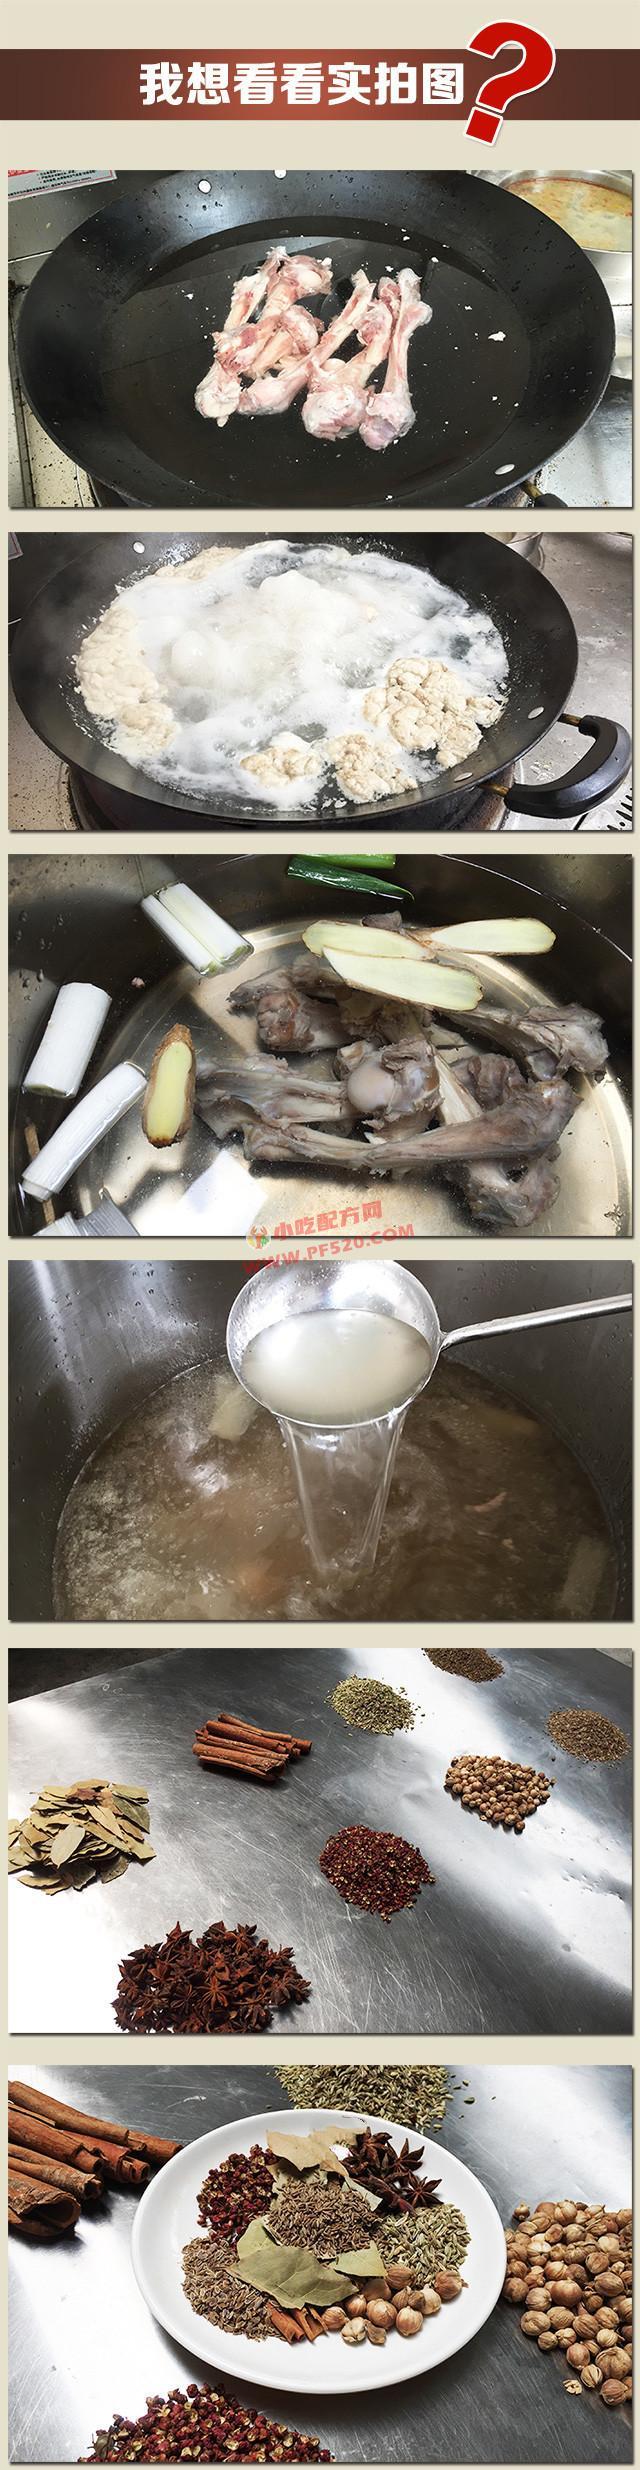 老北京羊蝎子火锅做法和底料炒制配方,正宗技术教程视频大全 羊蝎子 第2张